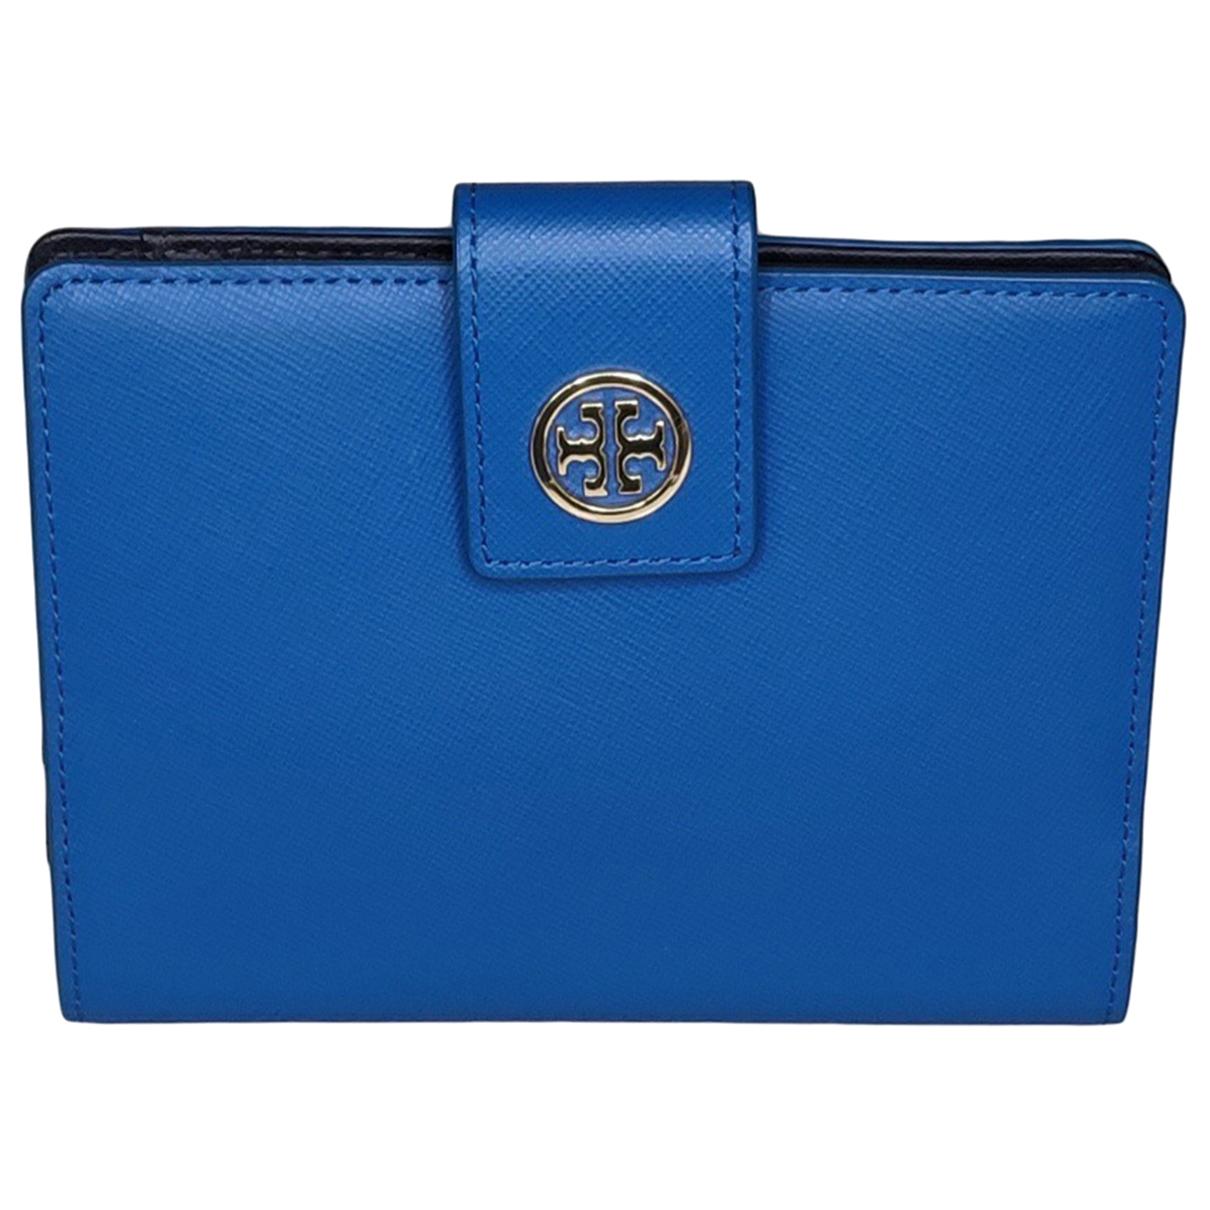 Tory Burch - Portefeuille   pour femme en cuir - bleu